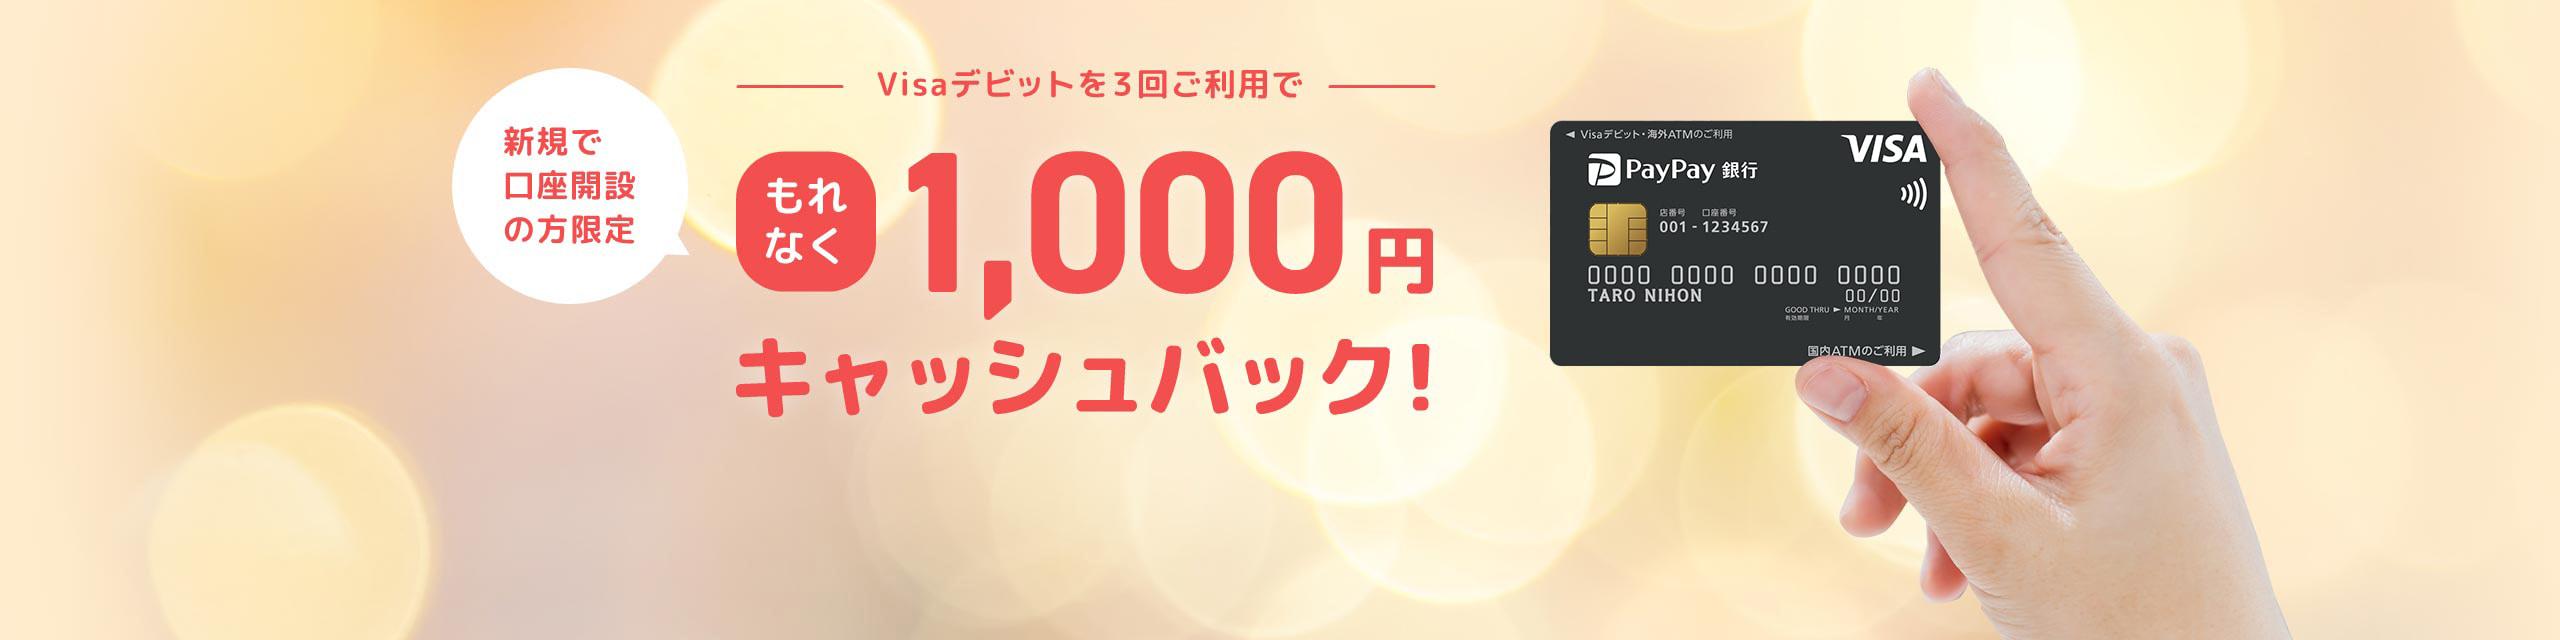 新規で口座開設の方限定 Visaデビットを3回ご利用でもれなく1,000円キャッシュバック!